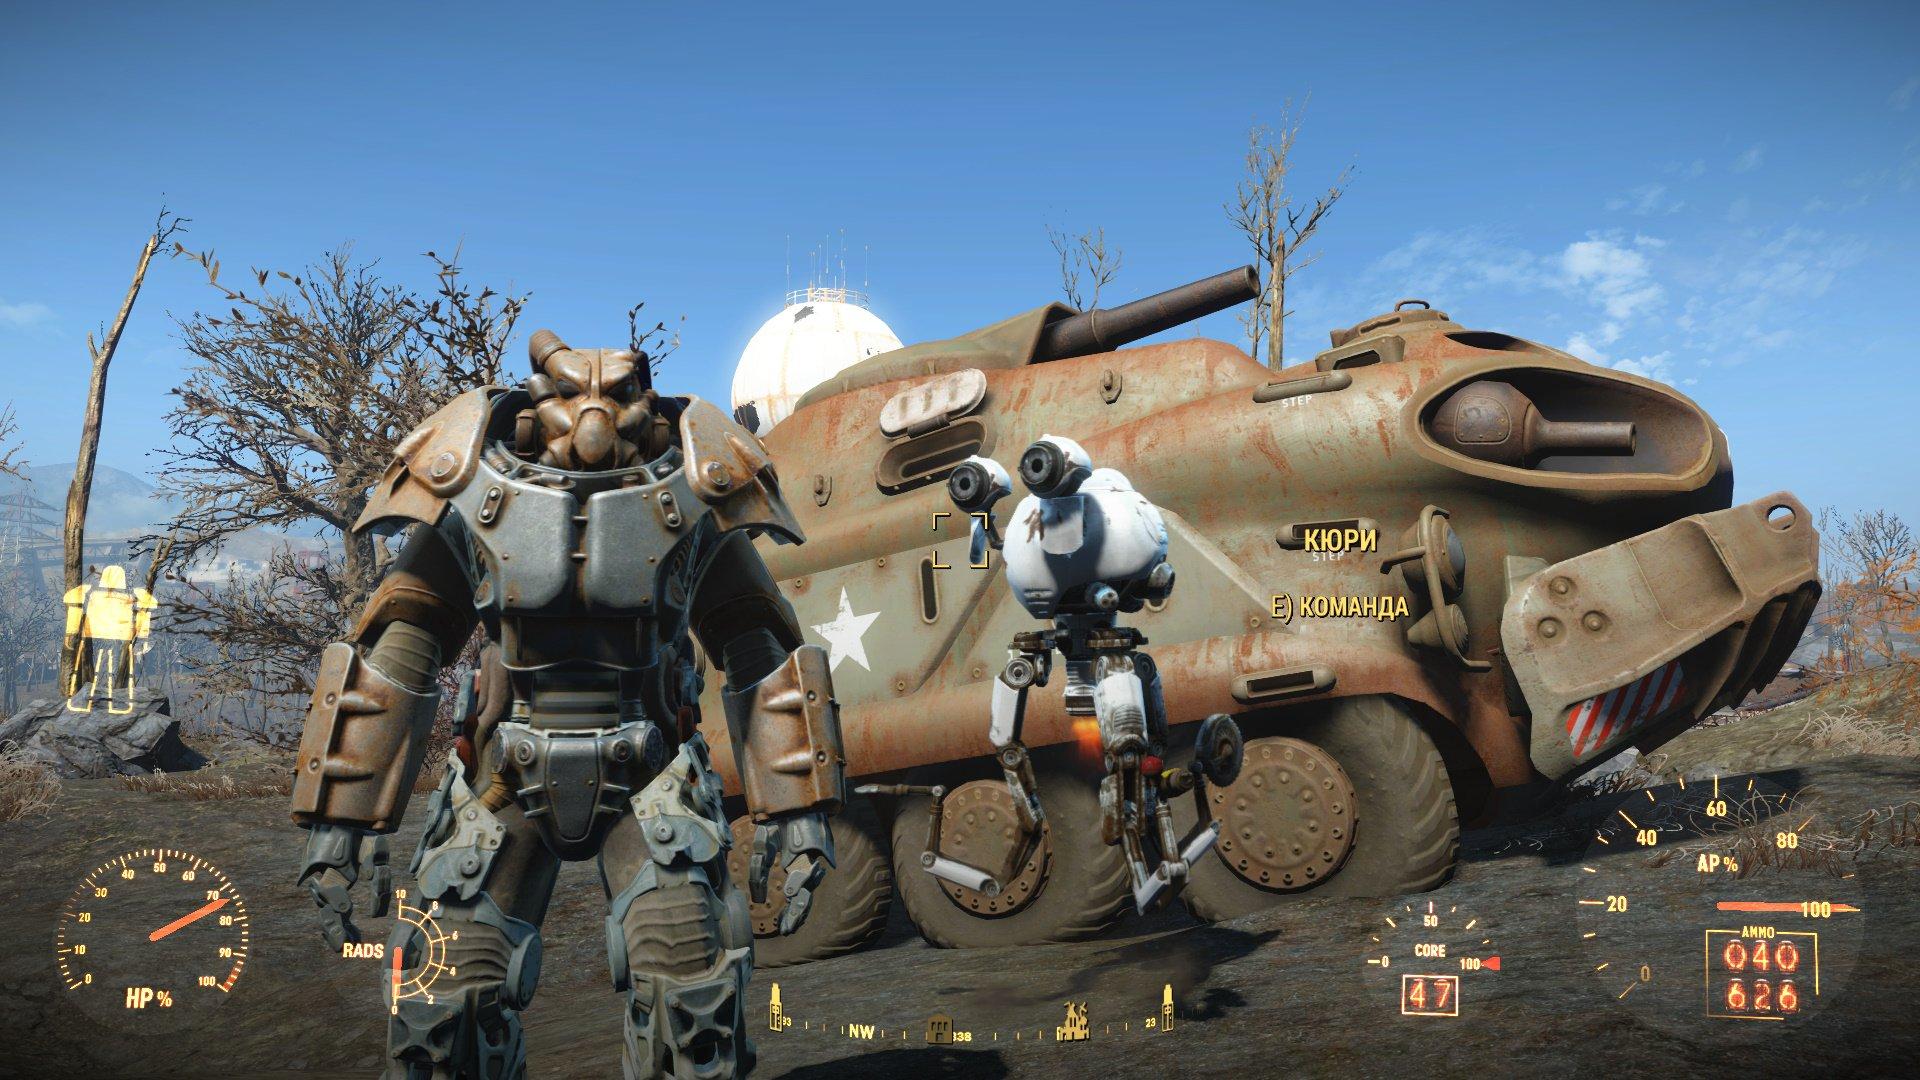 Сравнительный анализ (на самом деле нет) Fallout New Vegas vs. Fallout 4 (часть 1). - Изображение 6